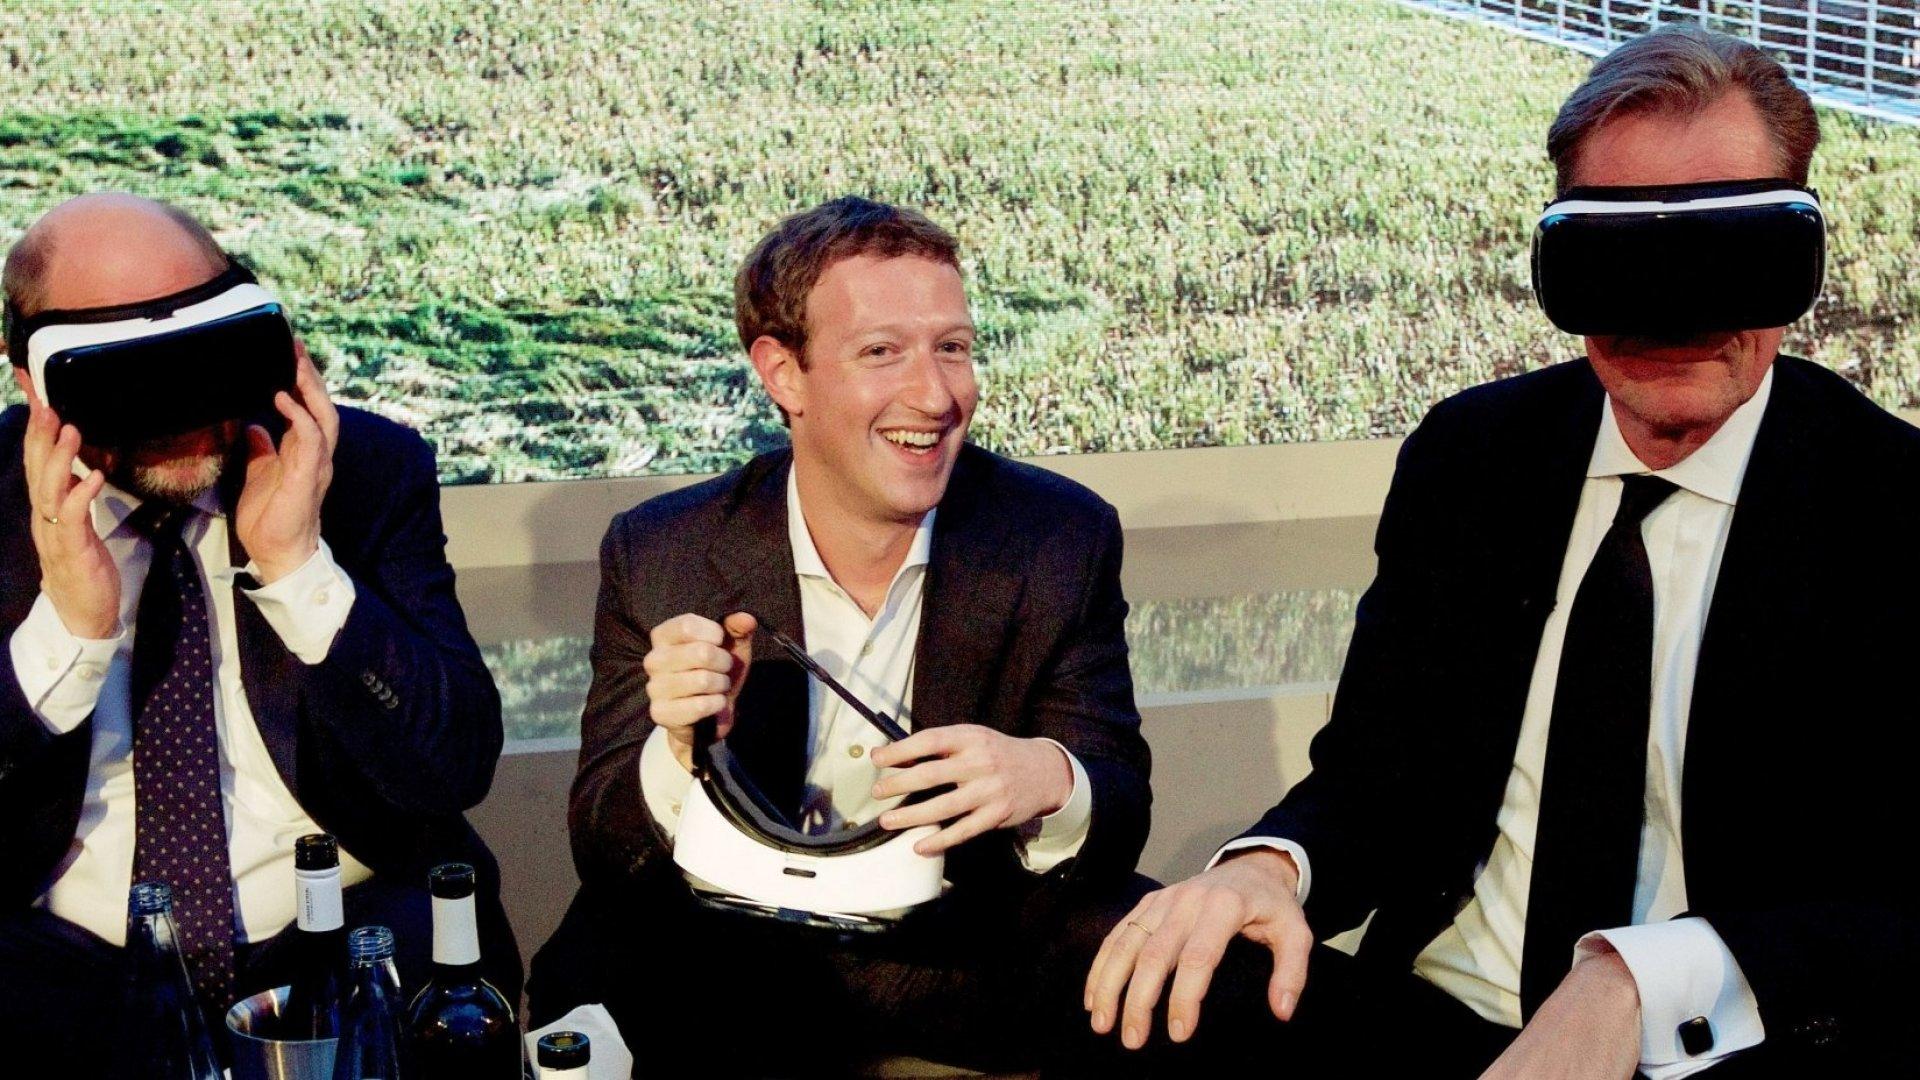 Mark Zuckerberg (center), co-founder and CEO of Facebook.